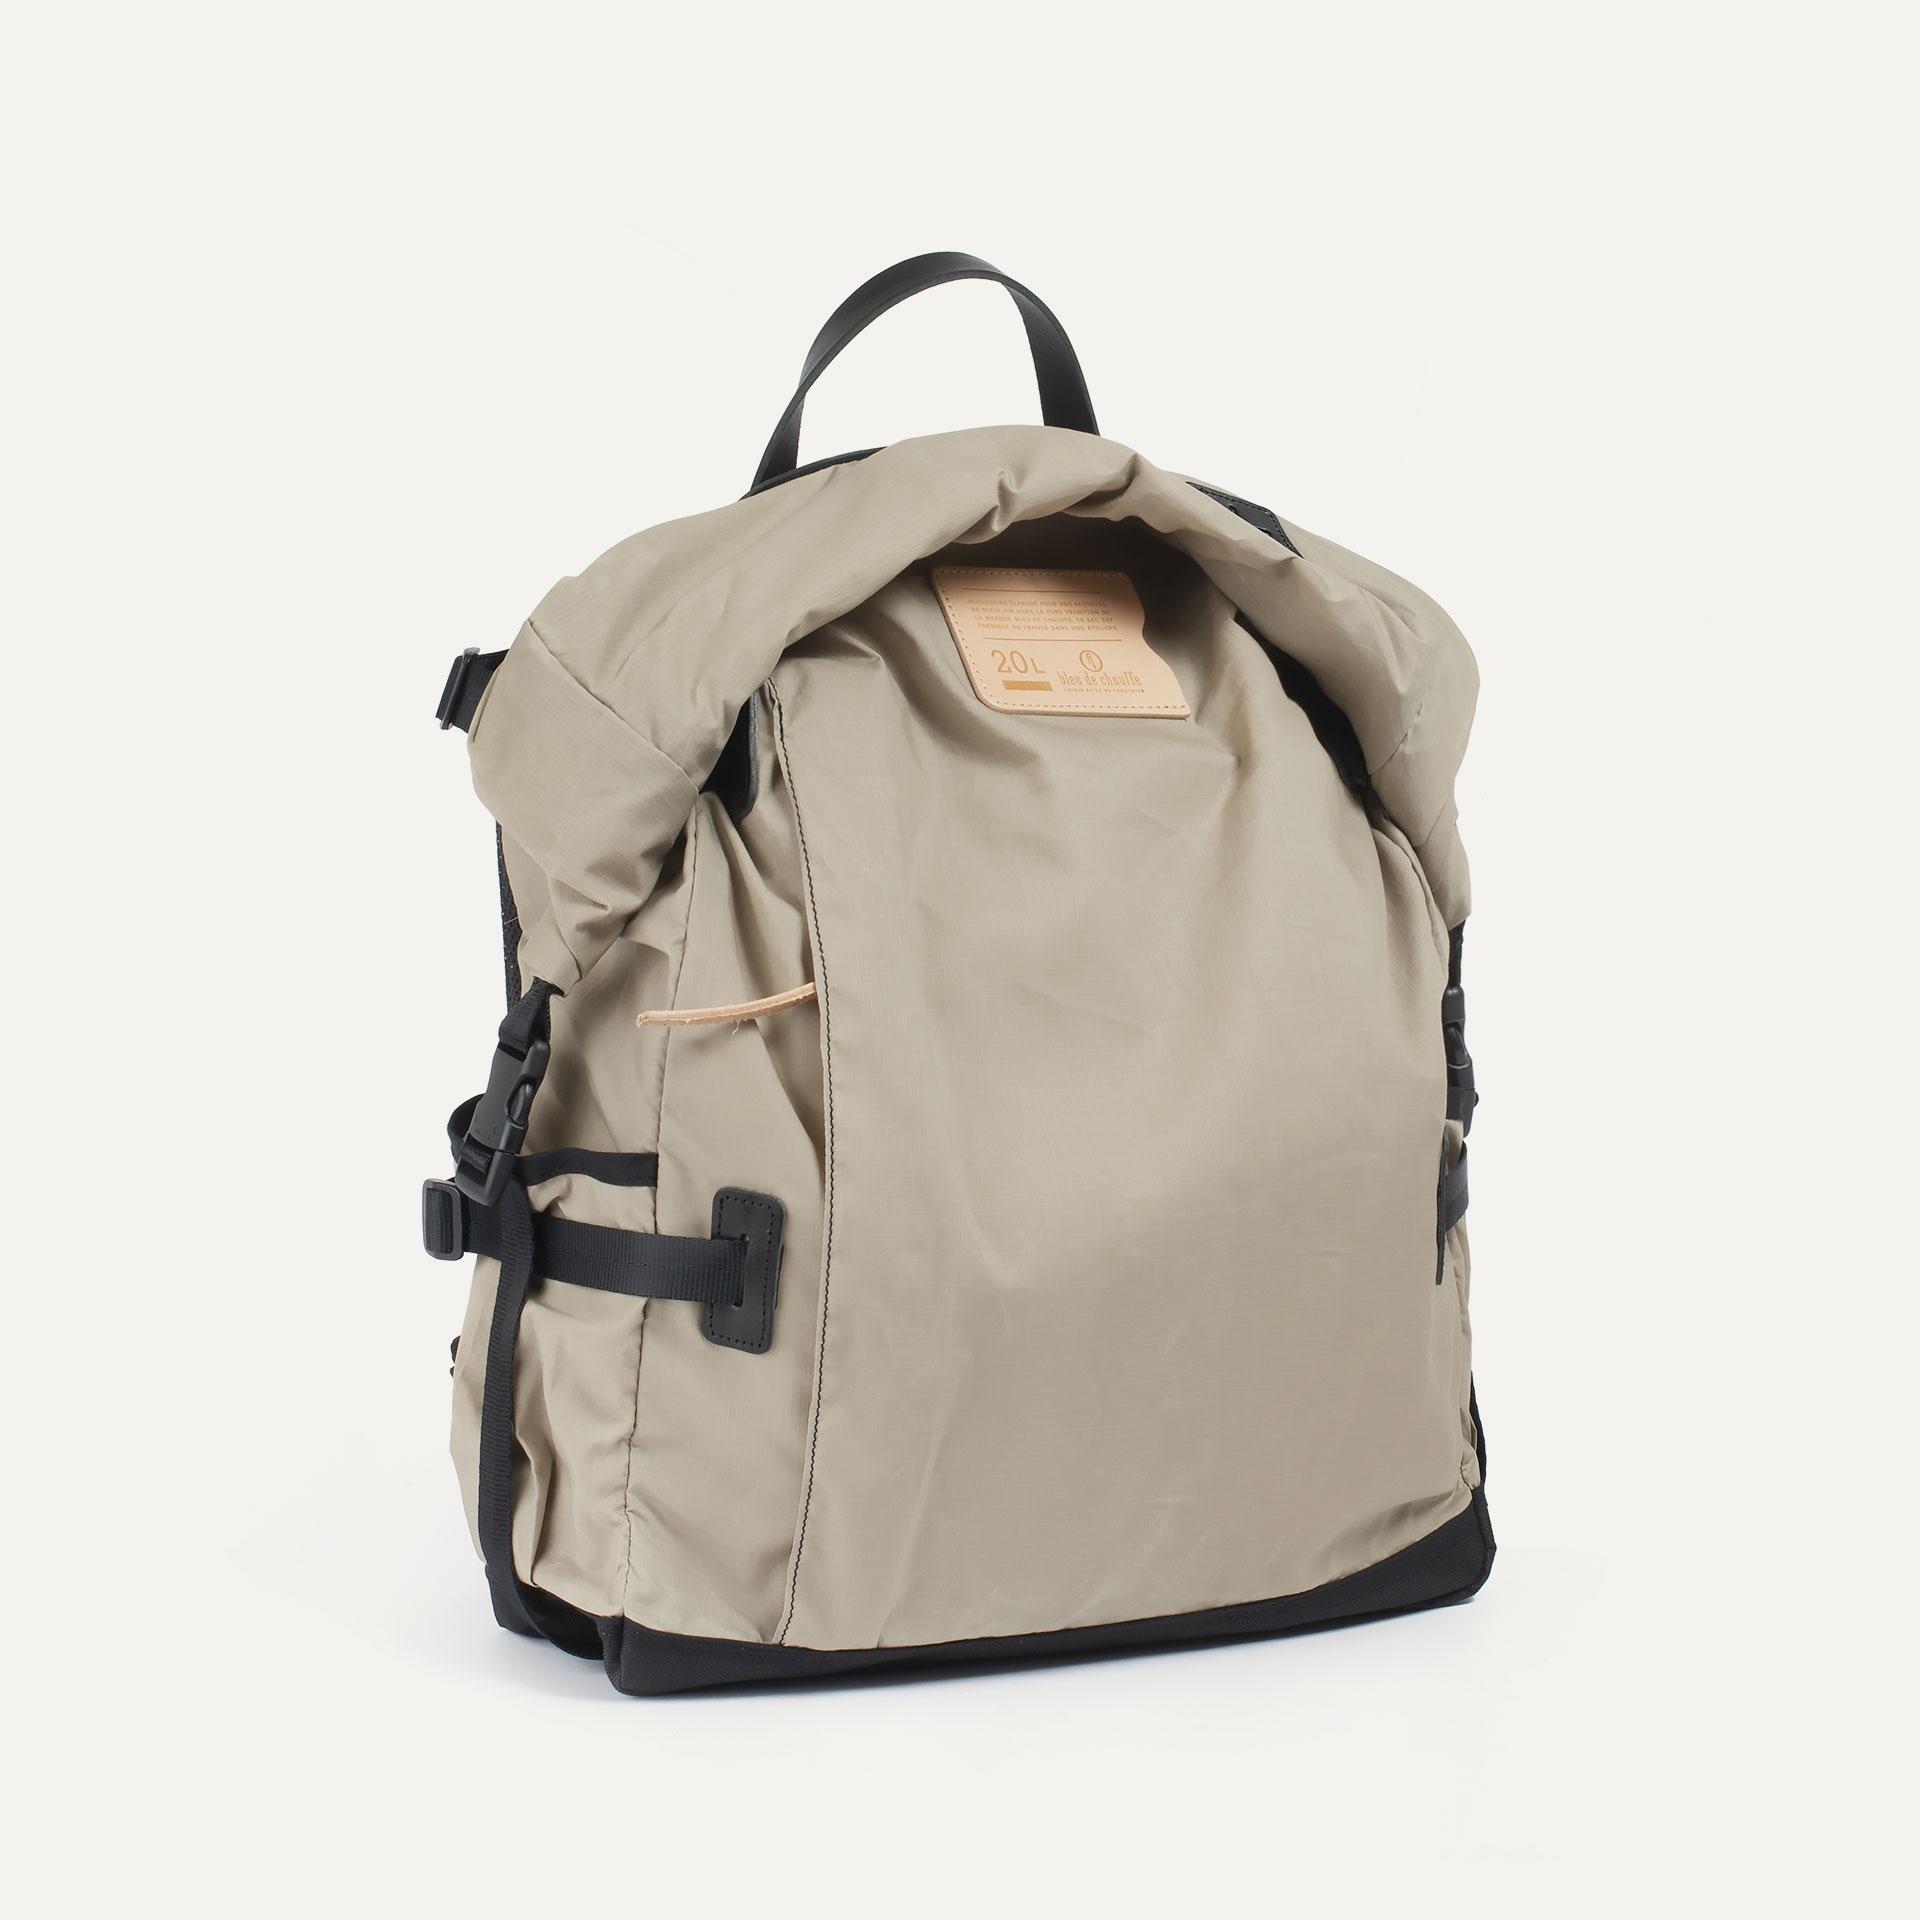 20L Basile Backpack - Beige (image n°2)